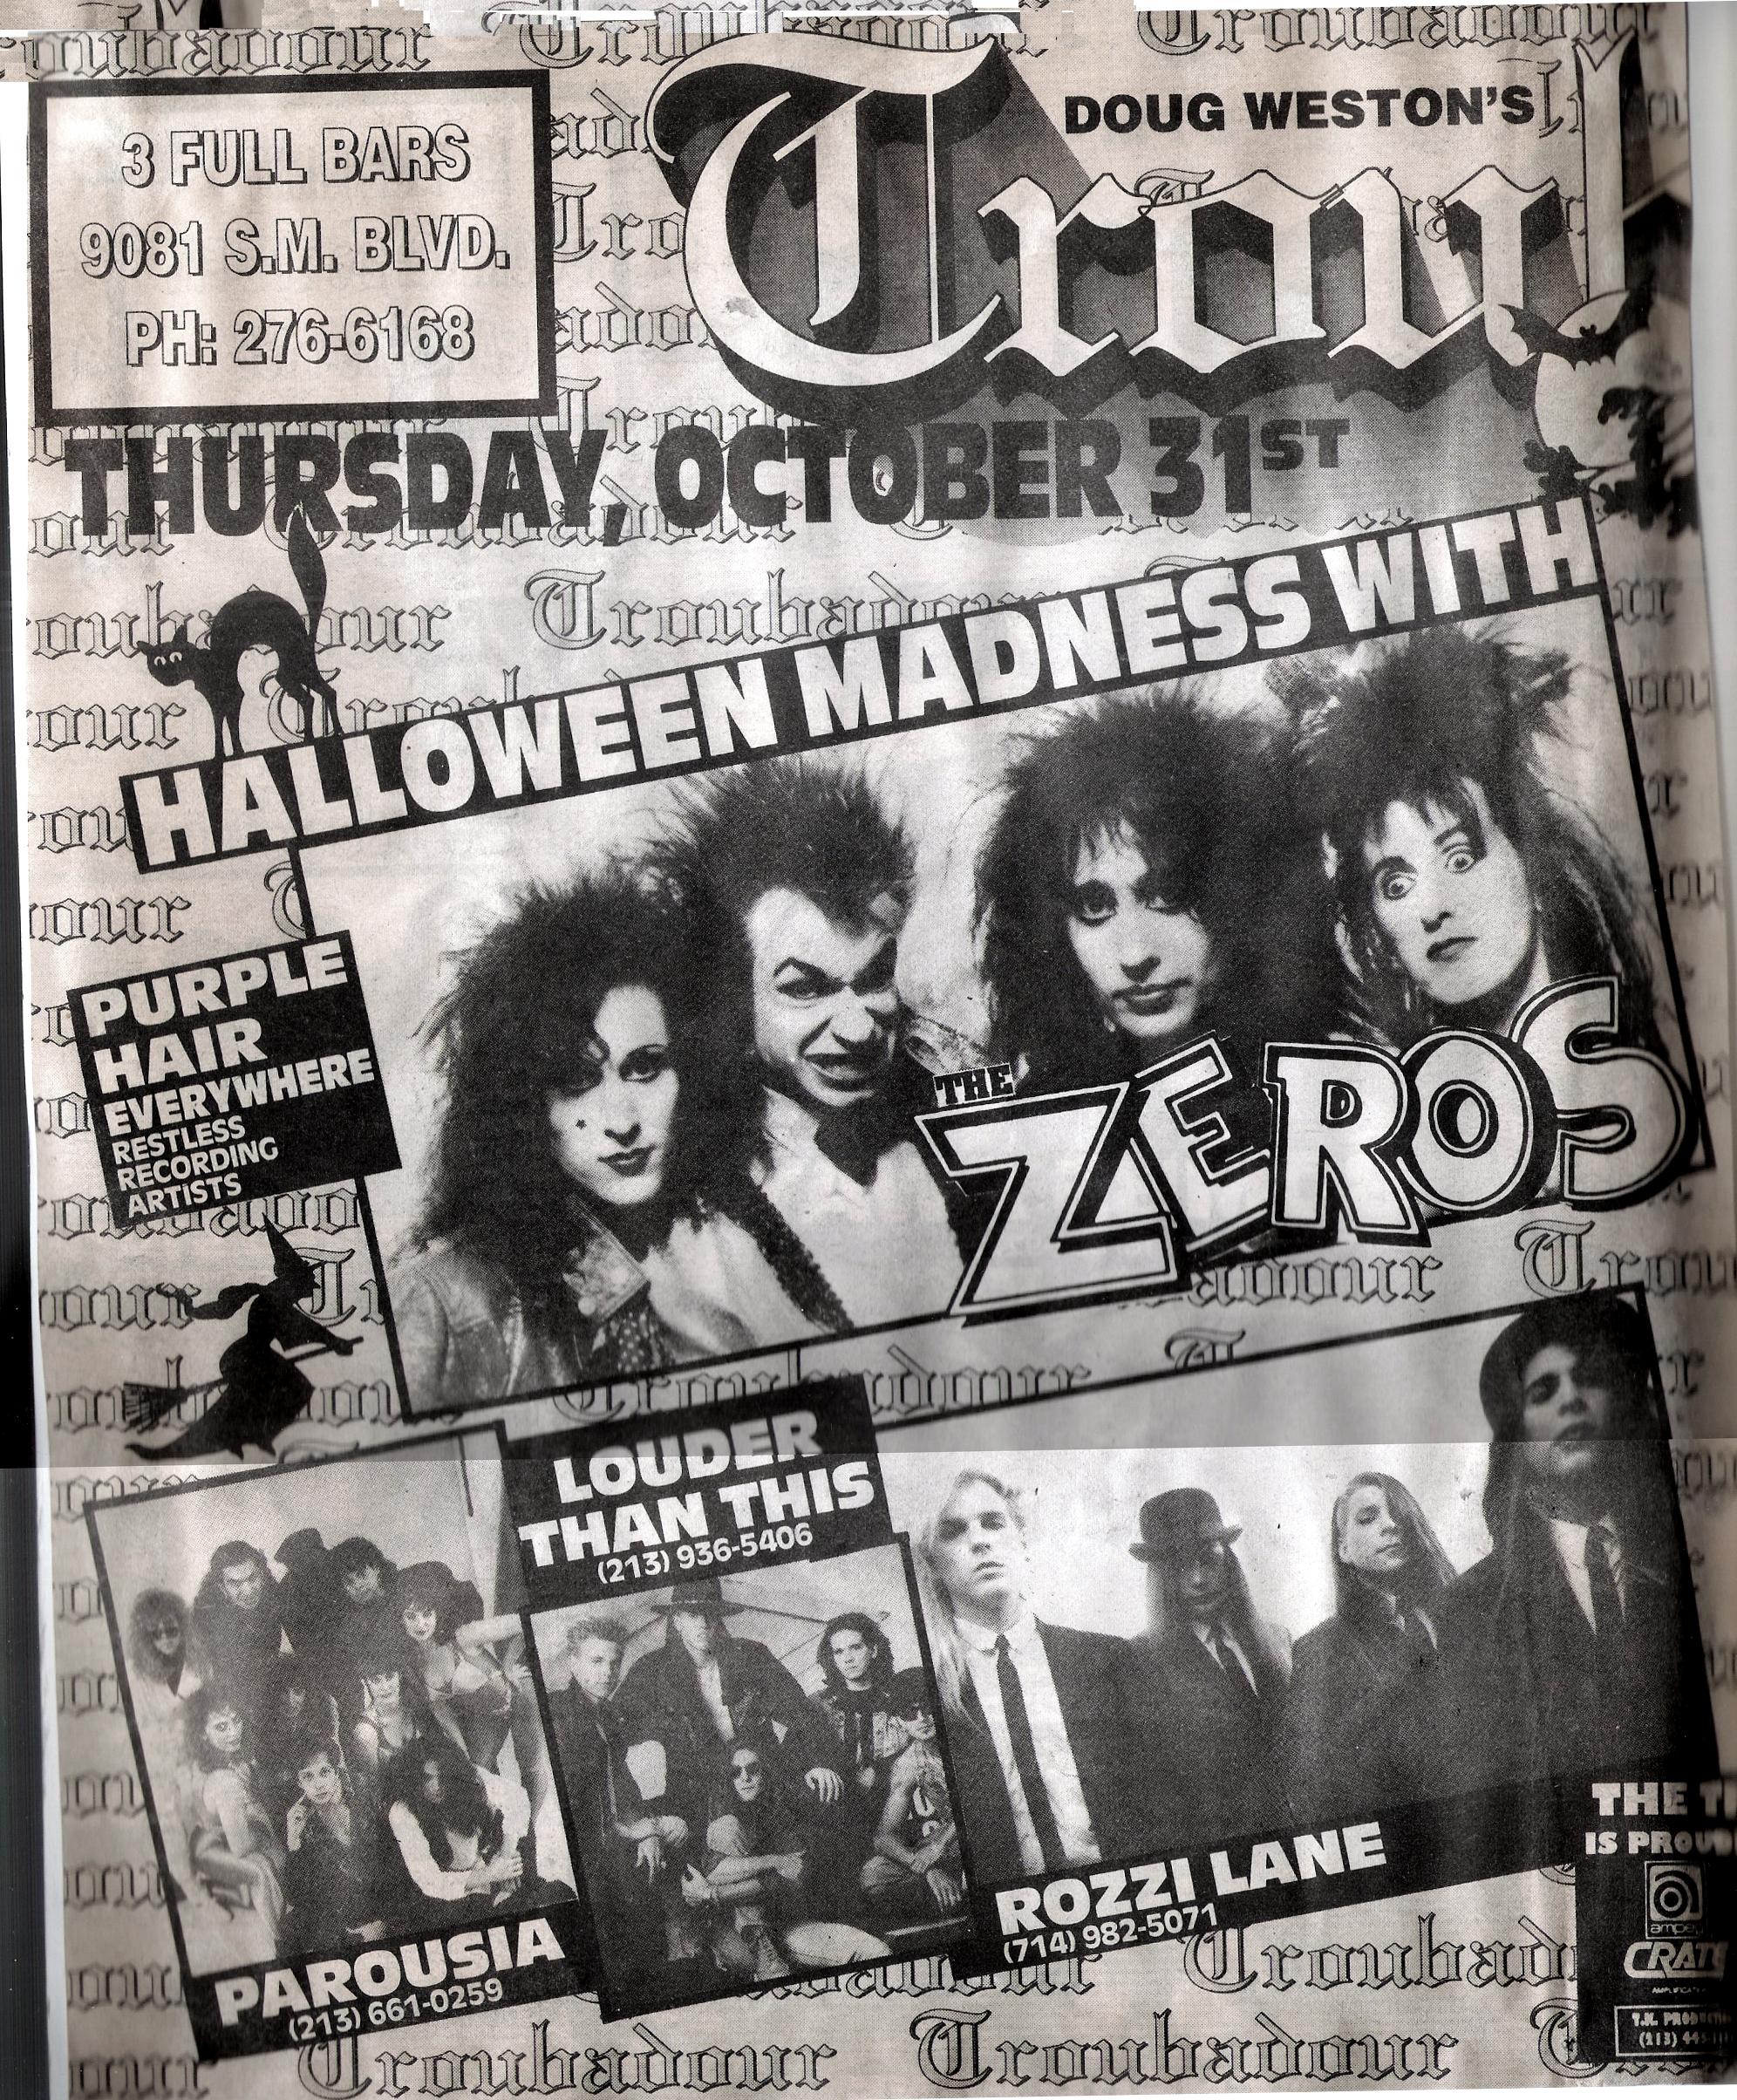 Parousia, the Zeros, Rozzi Lane and Louder Than This at the Troubadour, 10.31.1991a